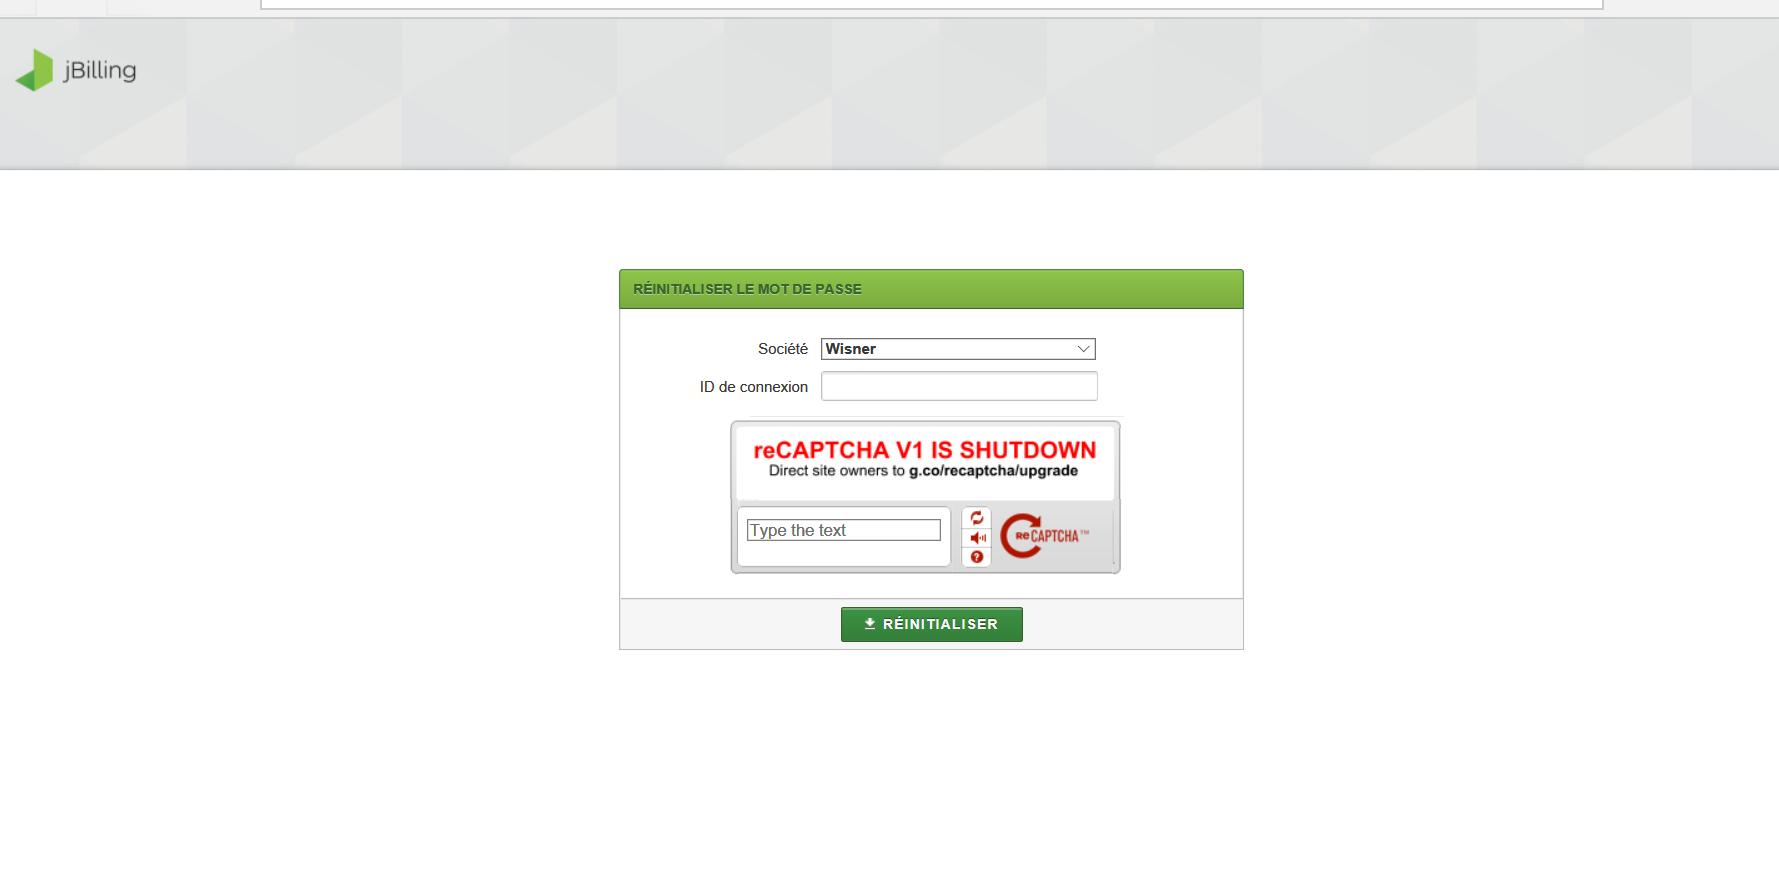 Captcha_error